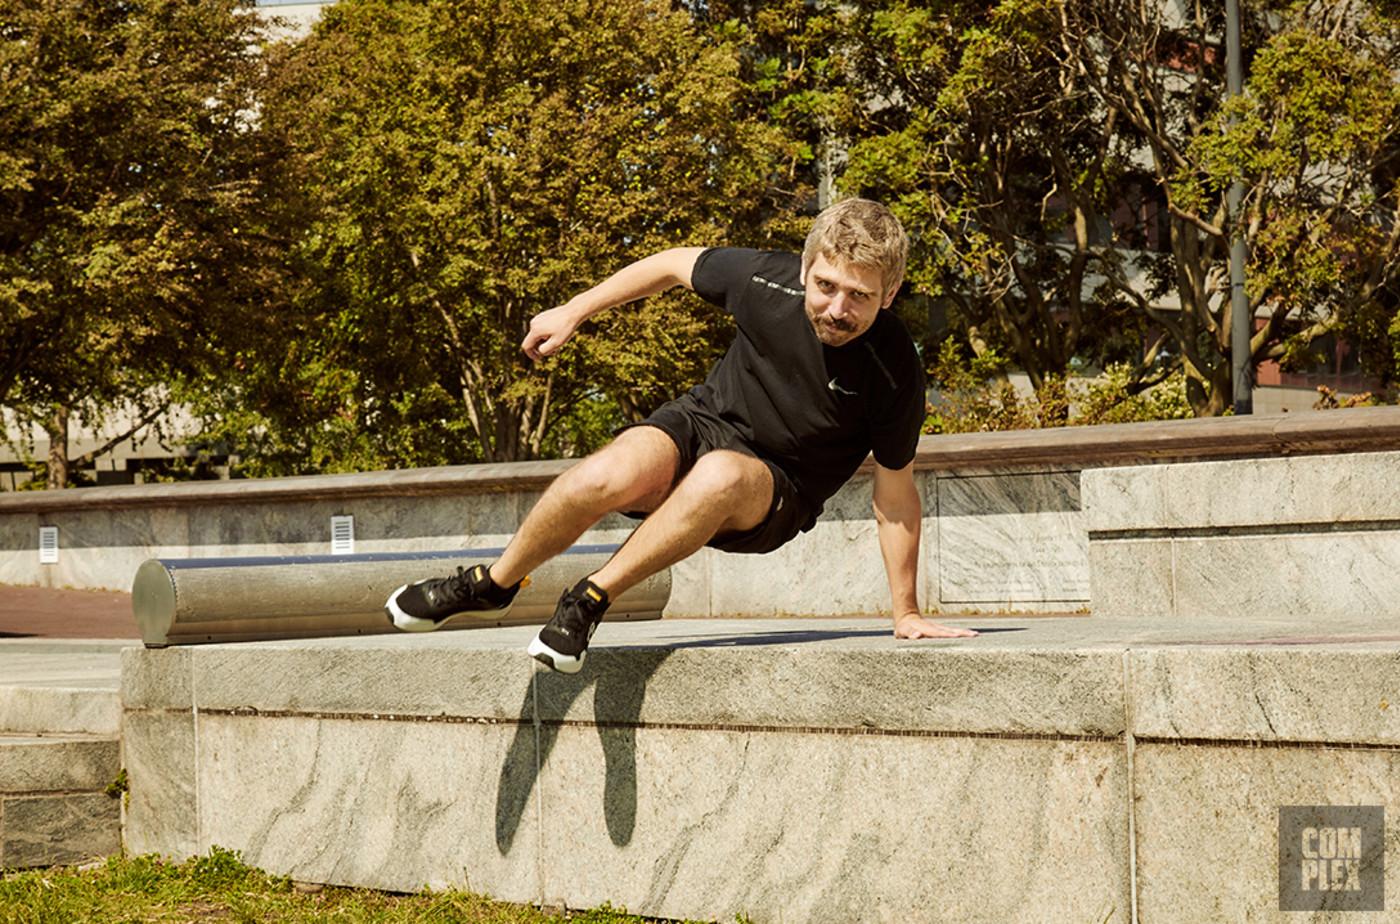 Parkour Jump Over Concrete Ledge